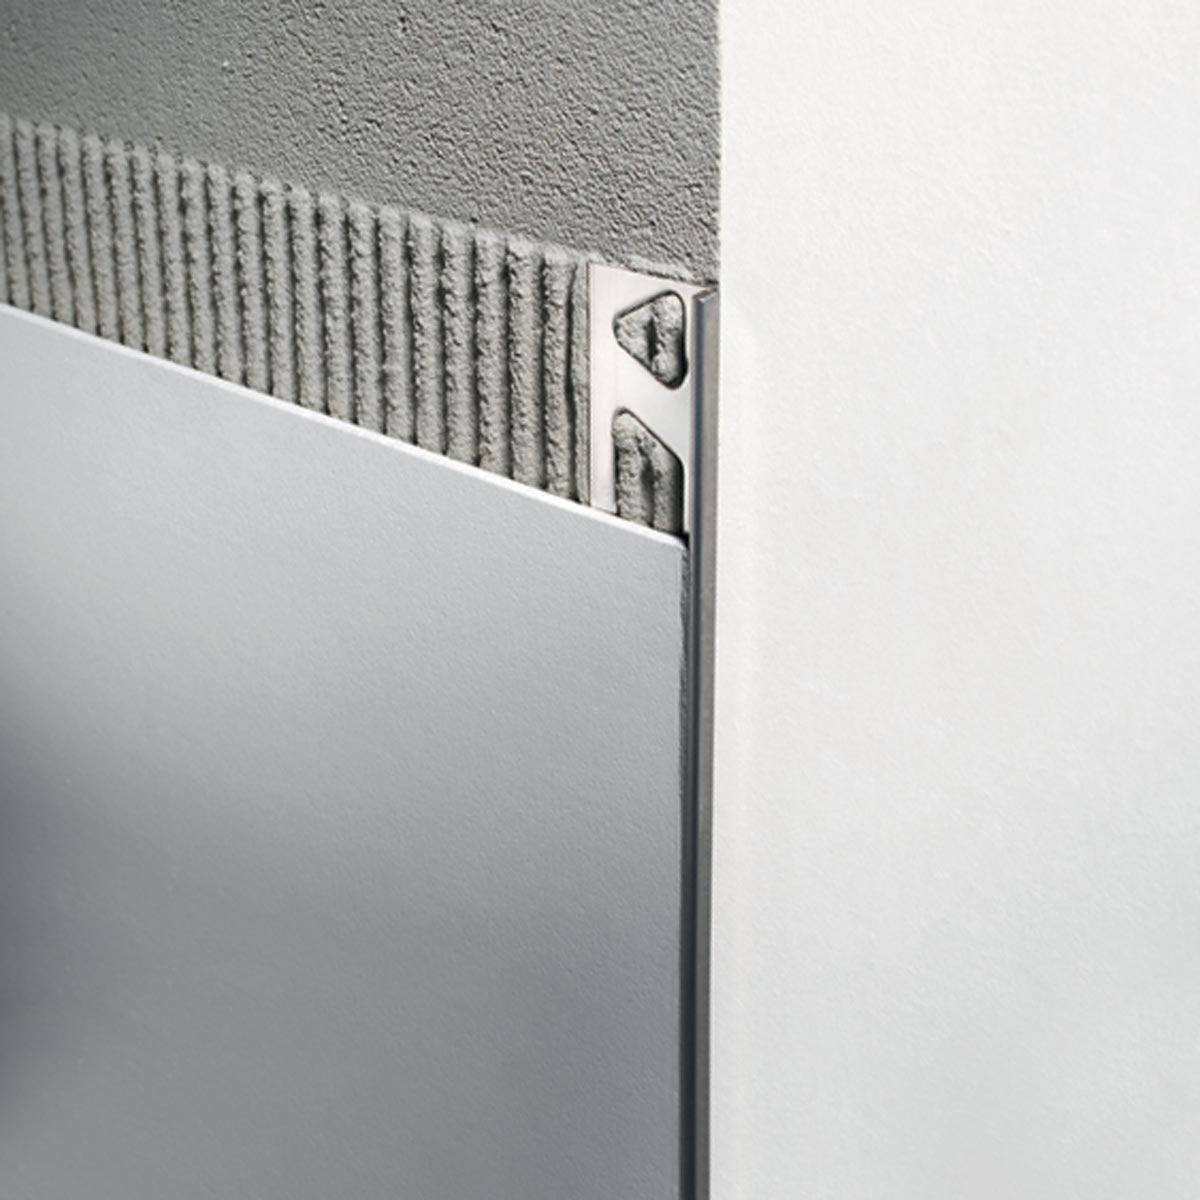 Profili per rivestimenti Trimtec TR 45 IL Profilitec